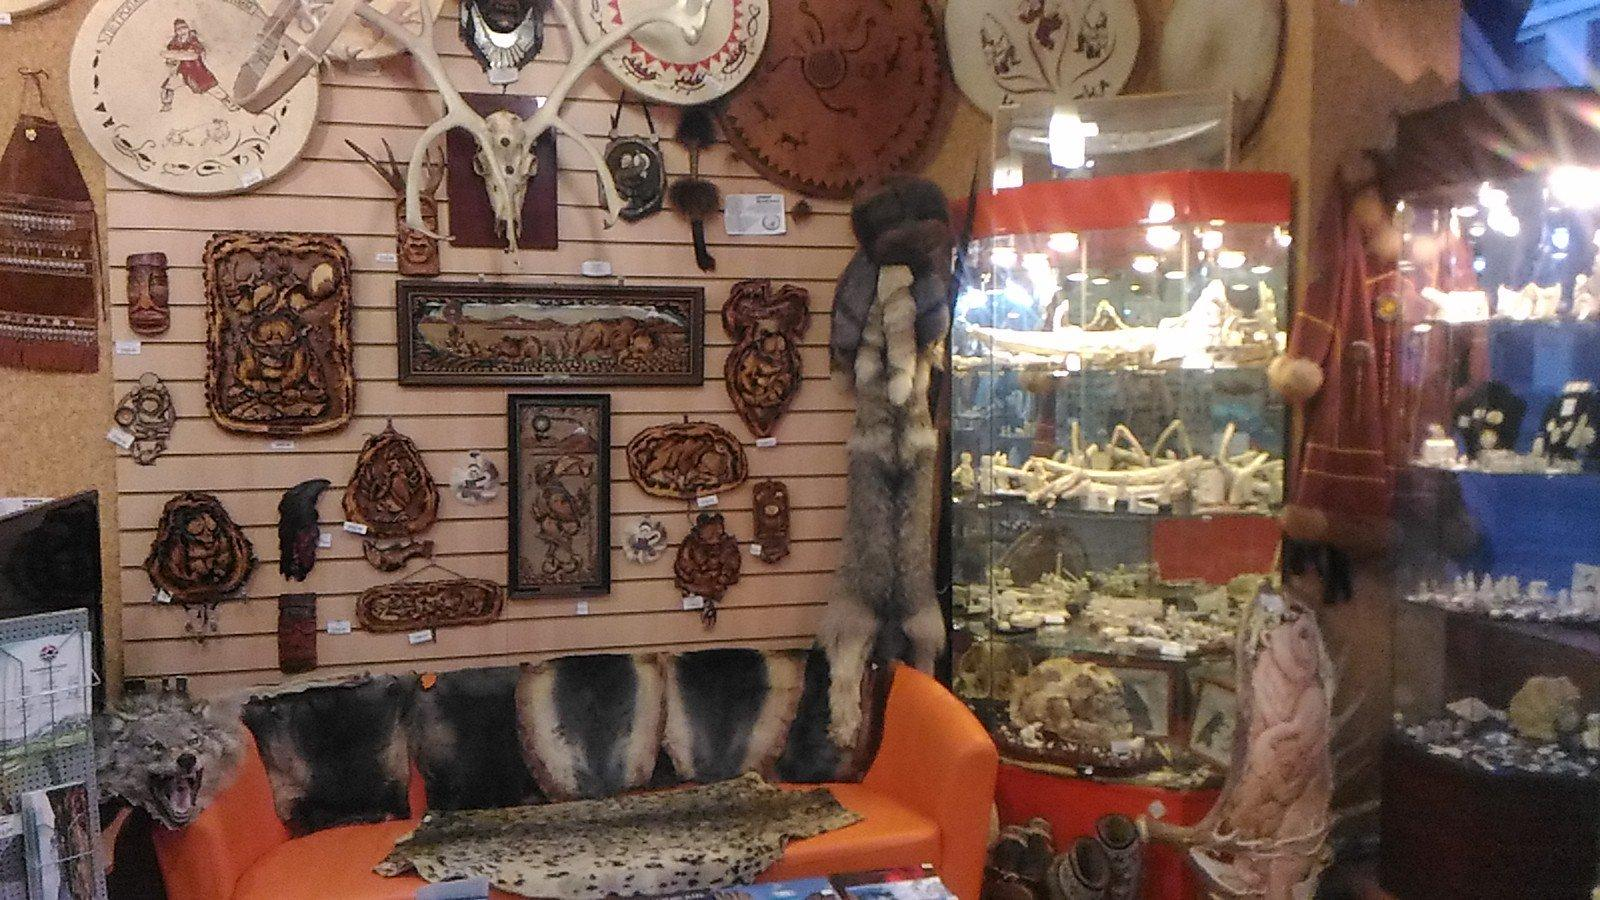 сувениры петропавловск камчатский фото открытку нэнгадзё, также